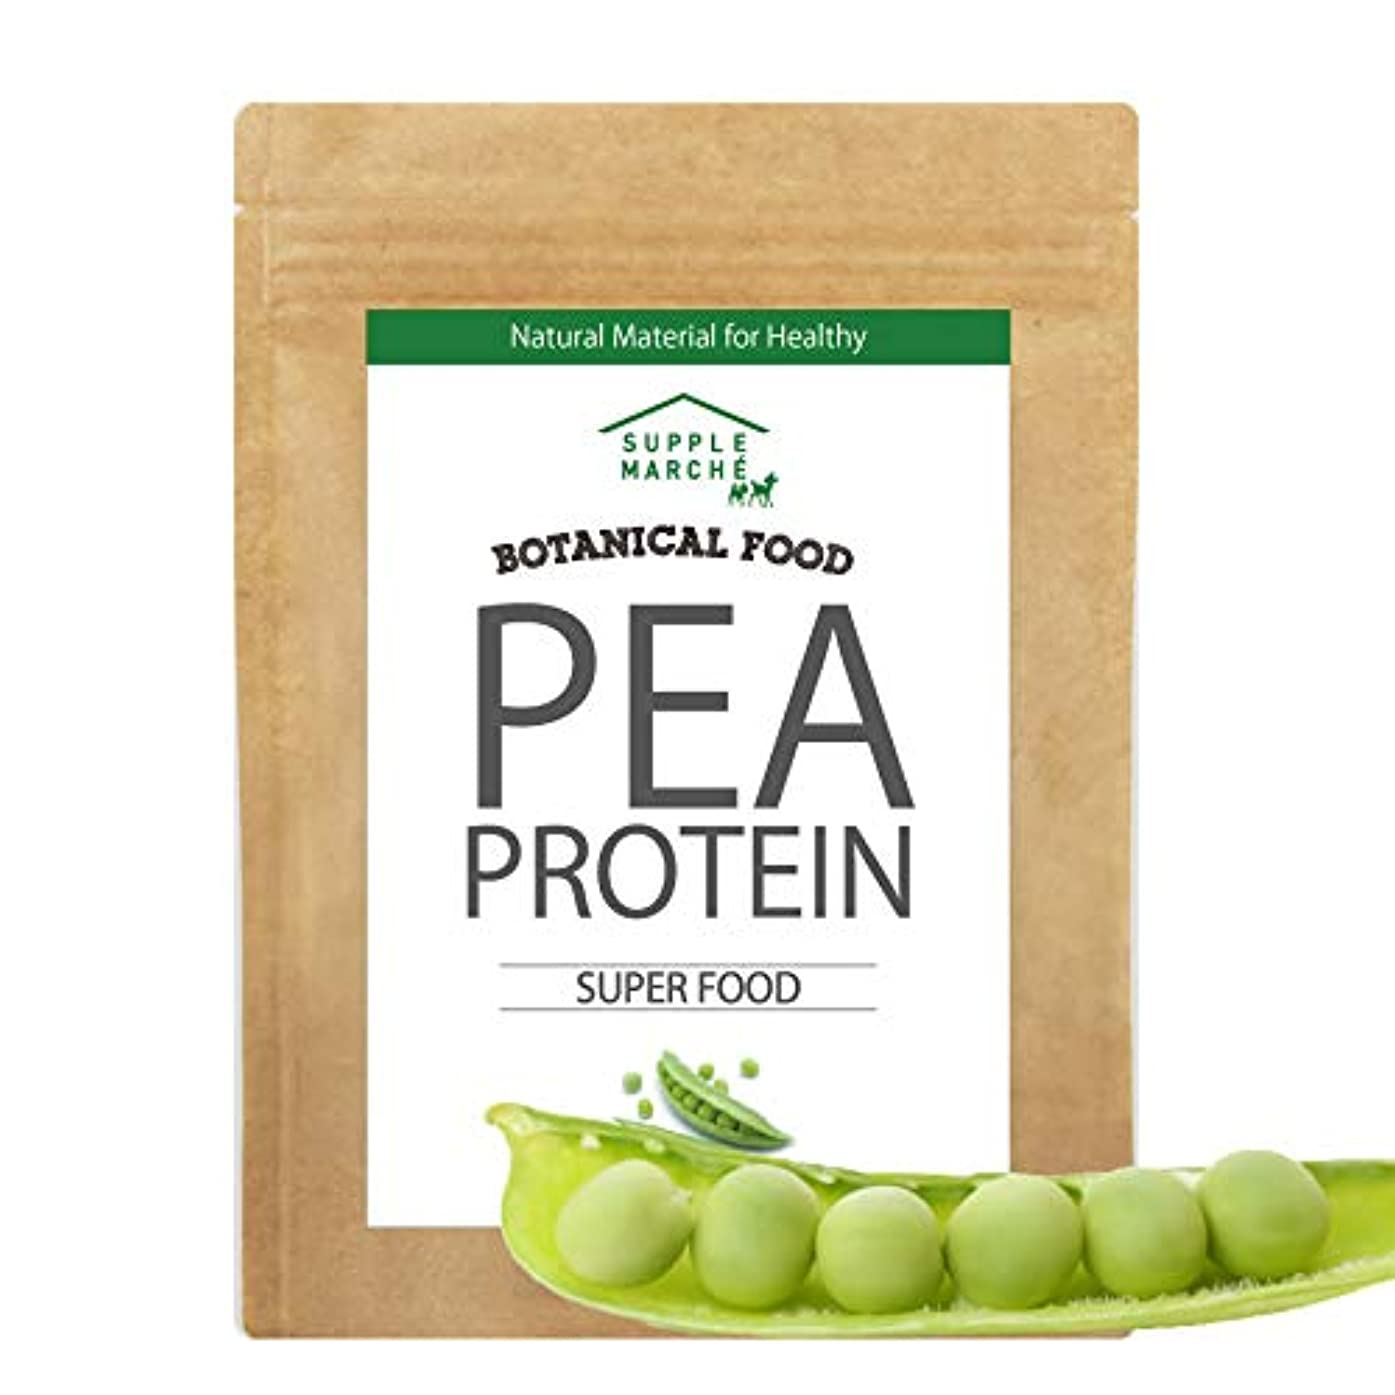 スキャンダラスアクセントビタミンビーガン仕様 ボタニカル ピープロテイン 500g 無添加 えんどう豆プロテイン ビーガン ダイエット 美容 タンパク質